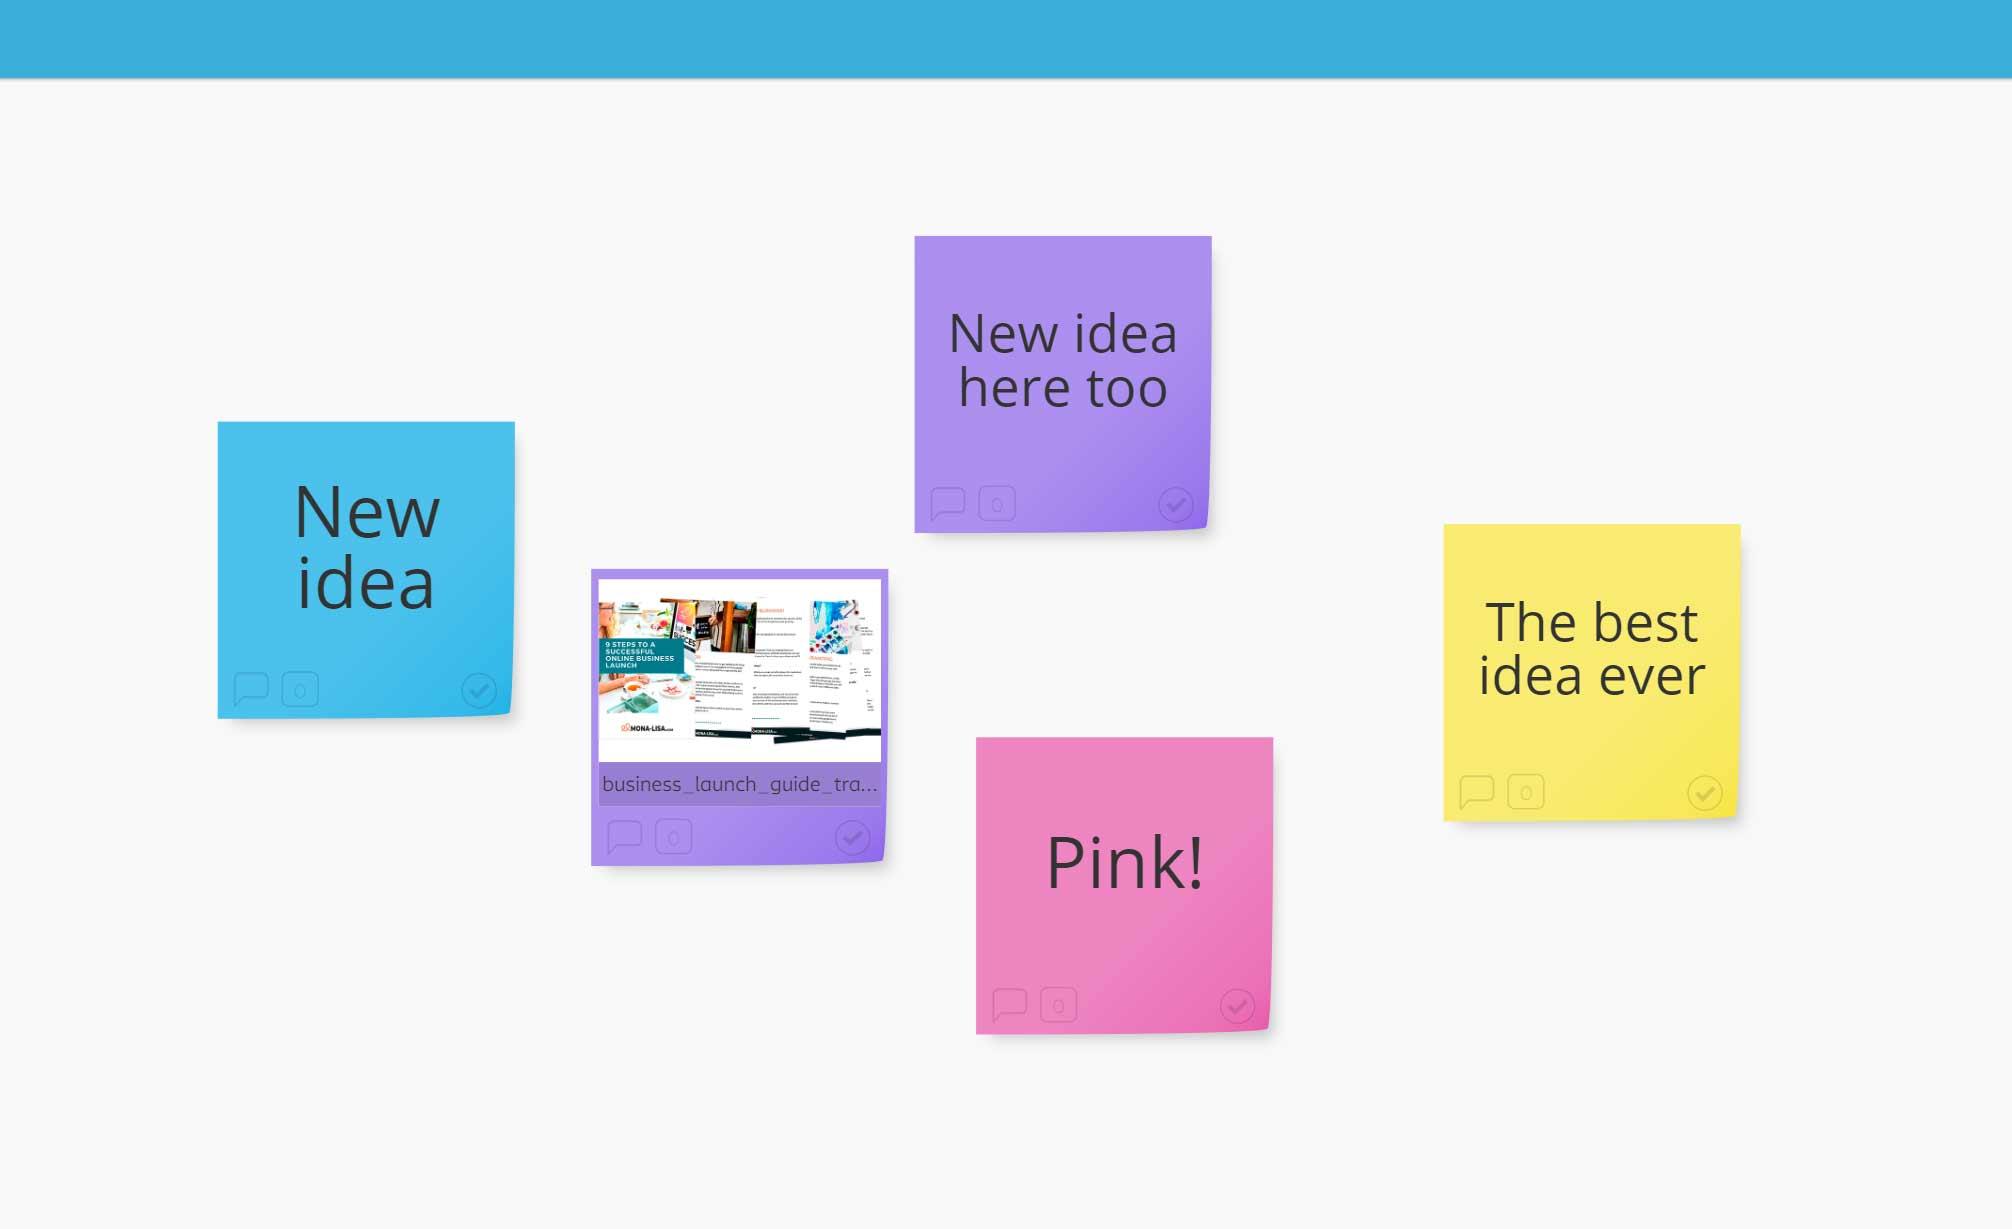 Stormboard brainstorming tool